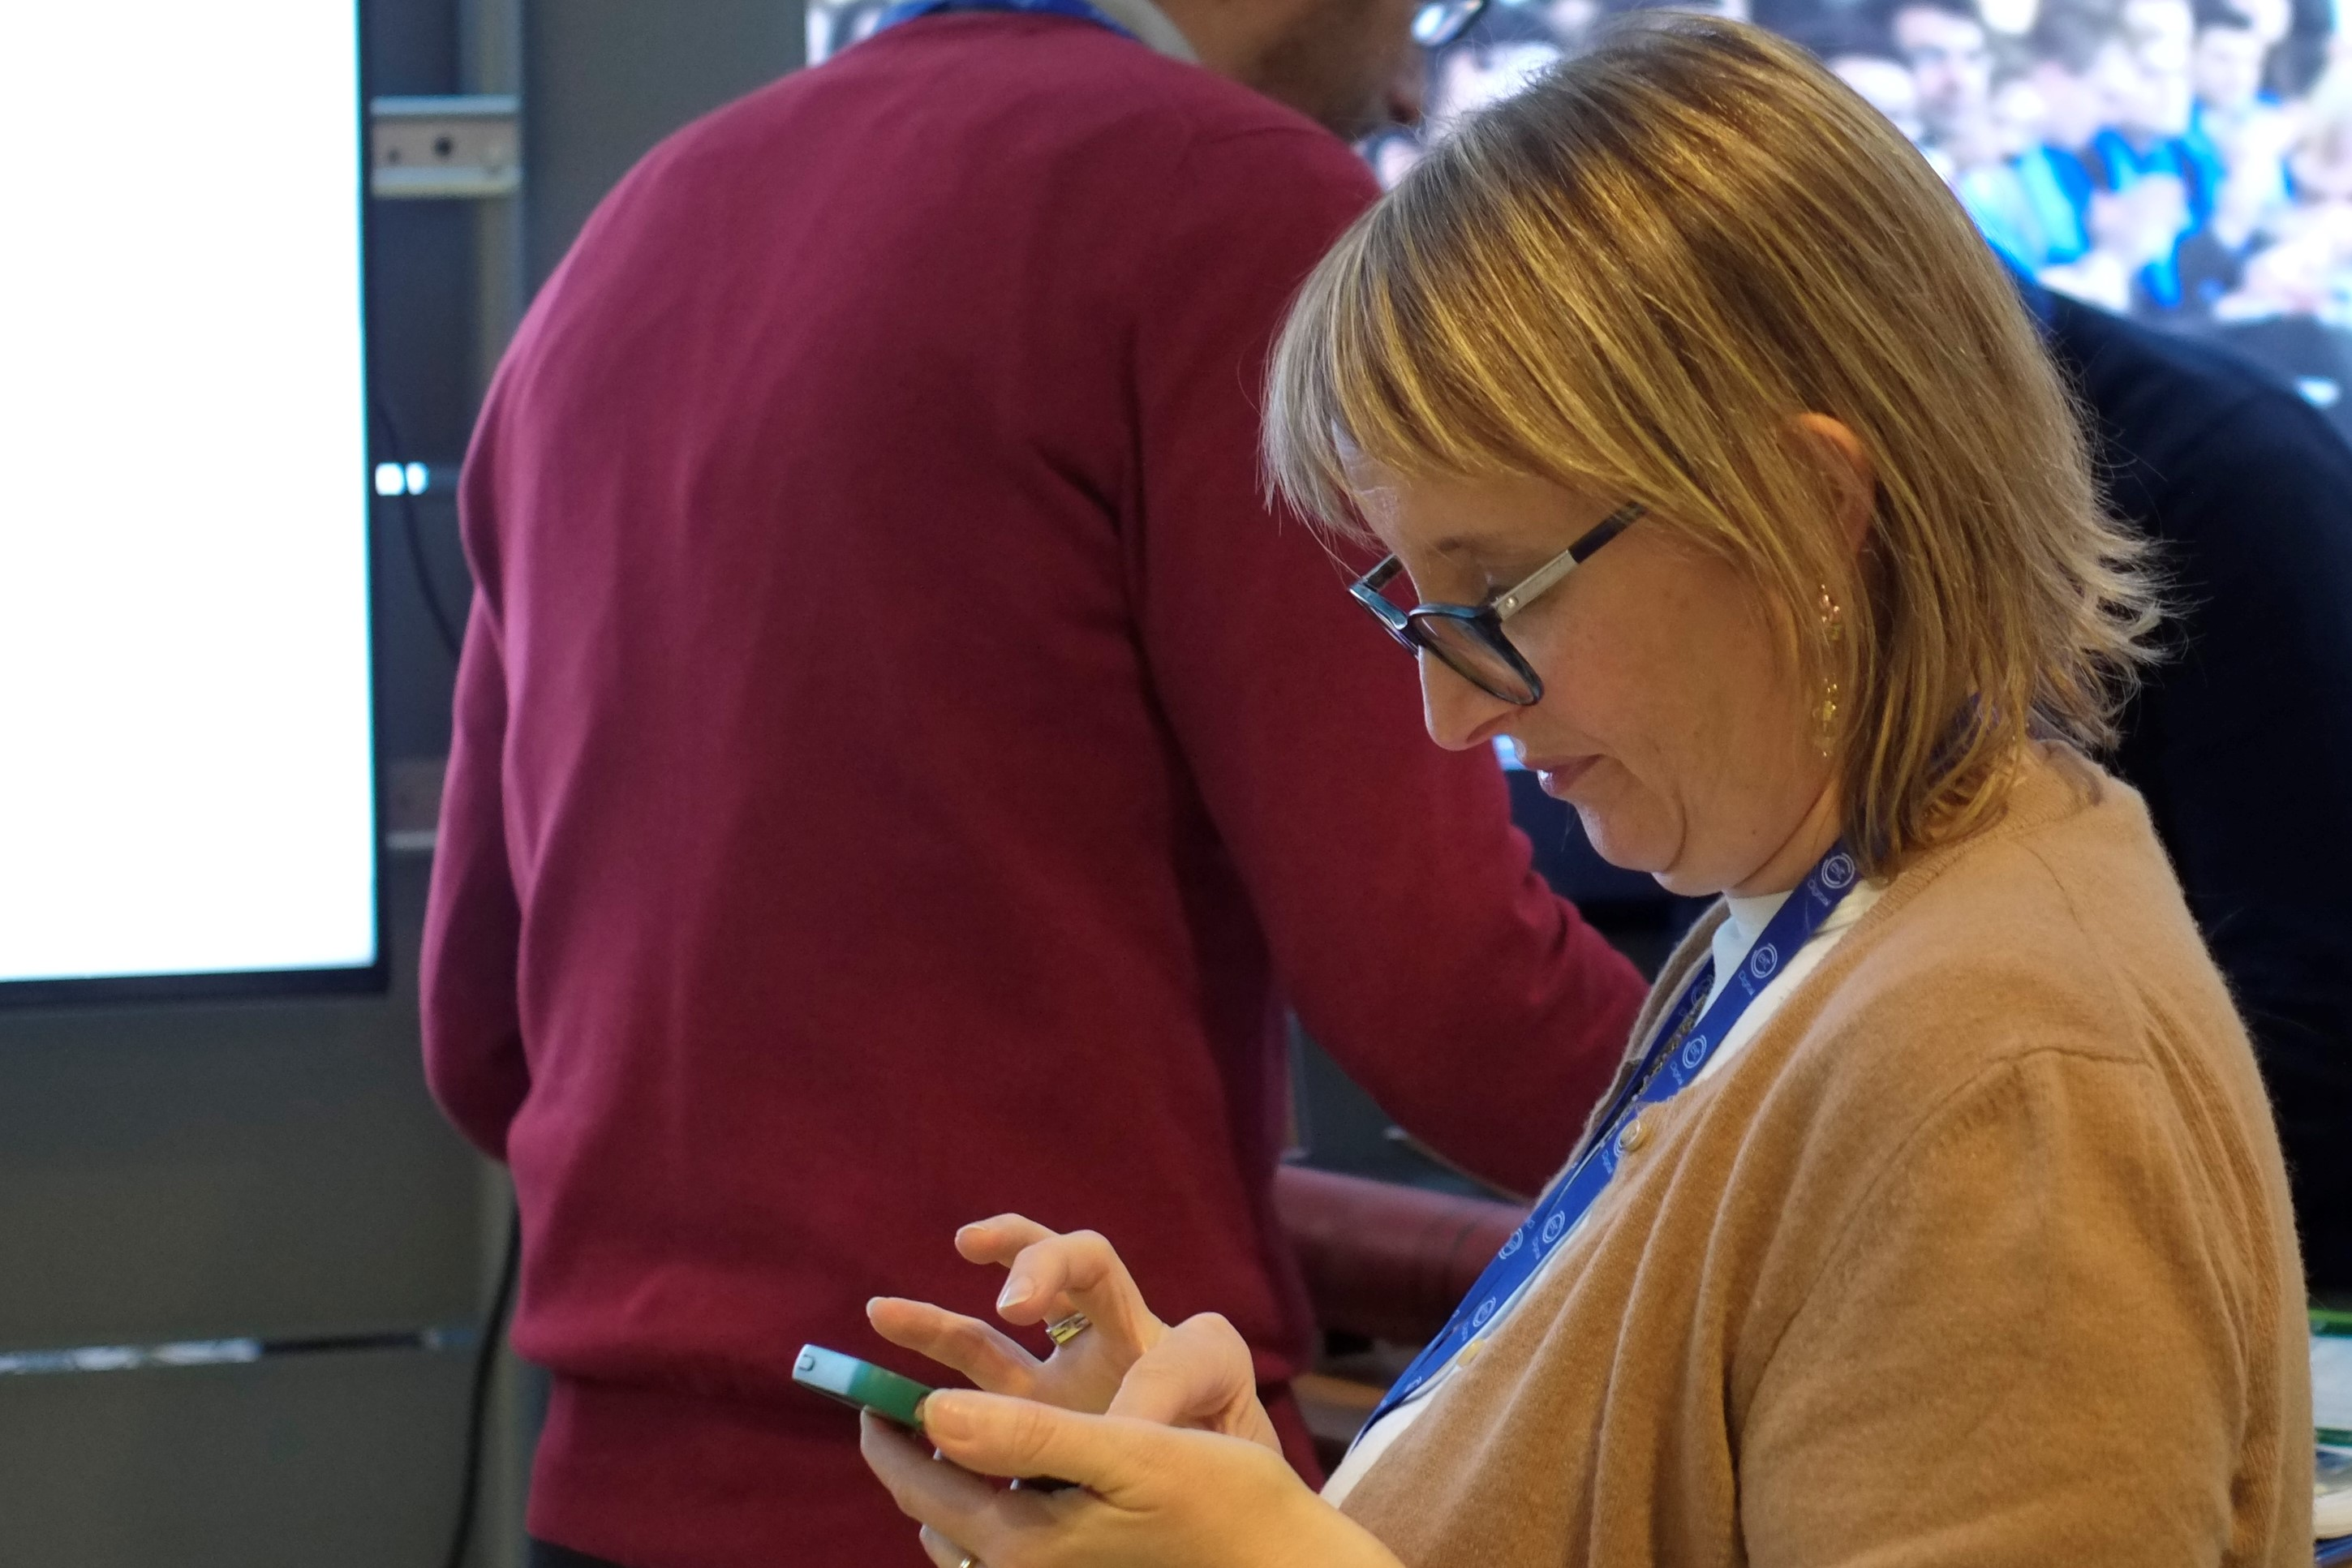 Il mondo digitale controlla le persone